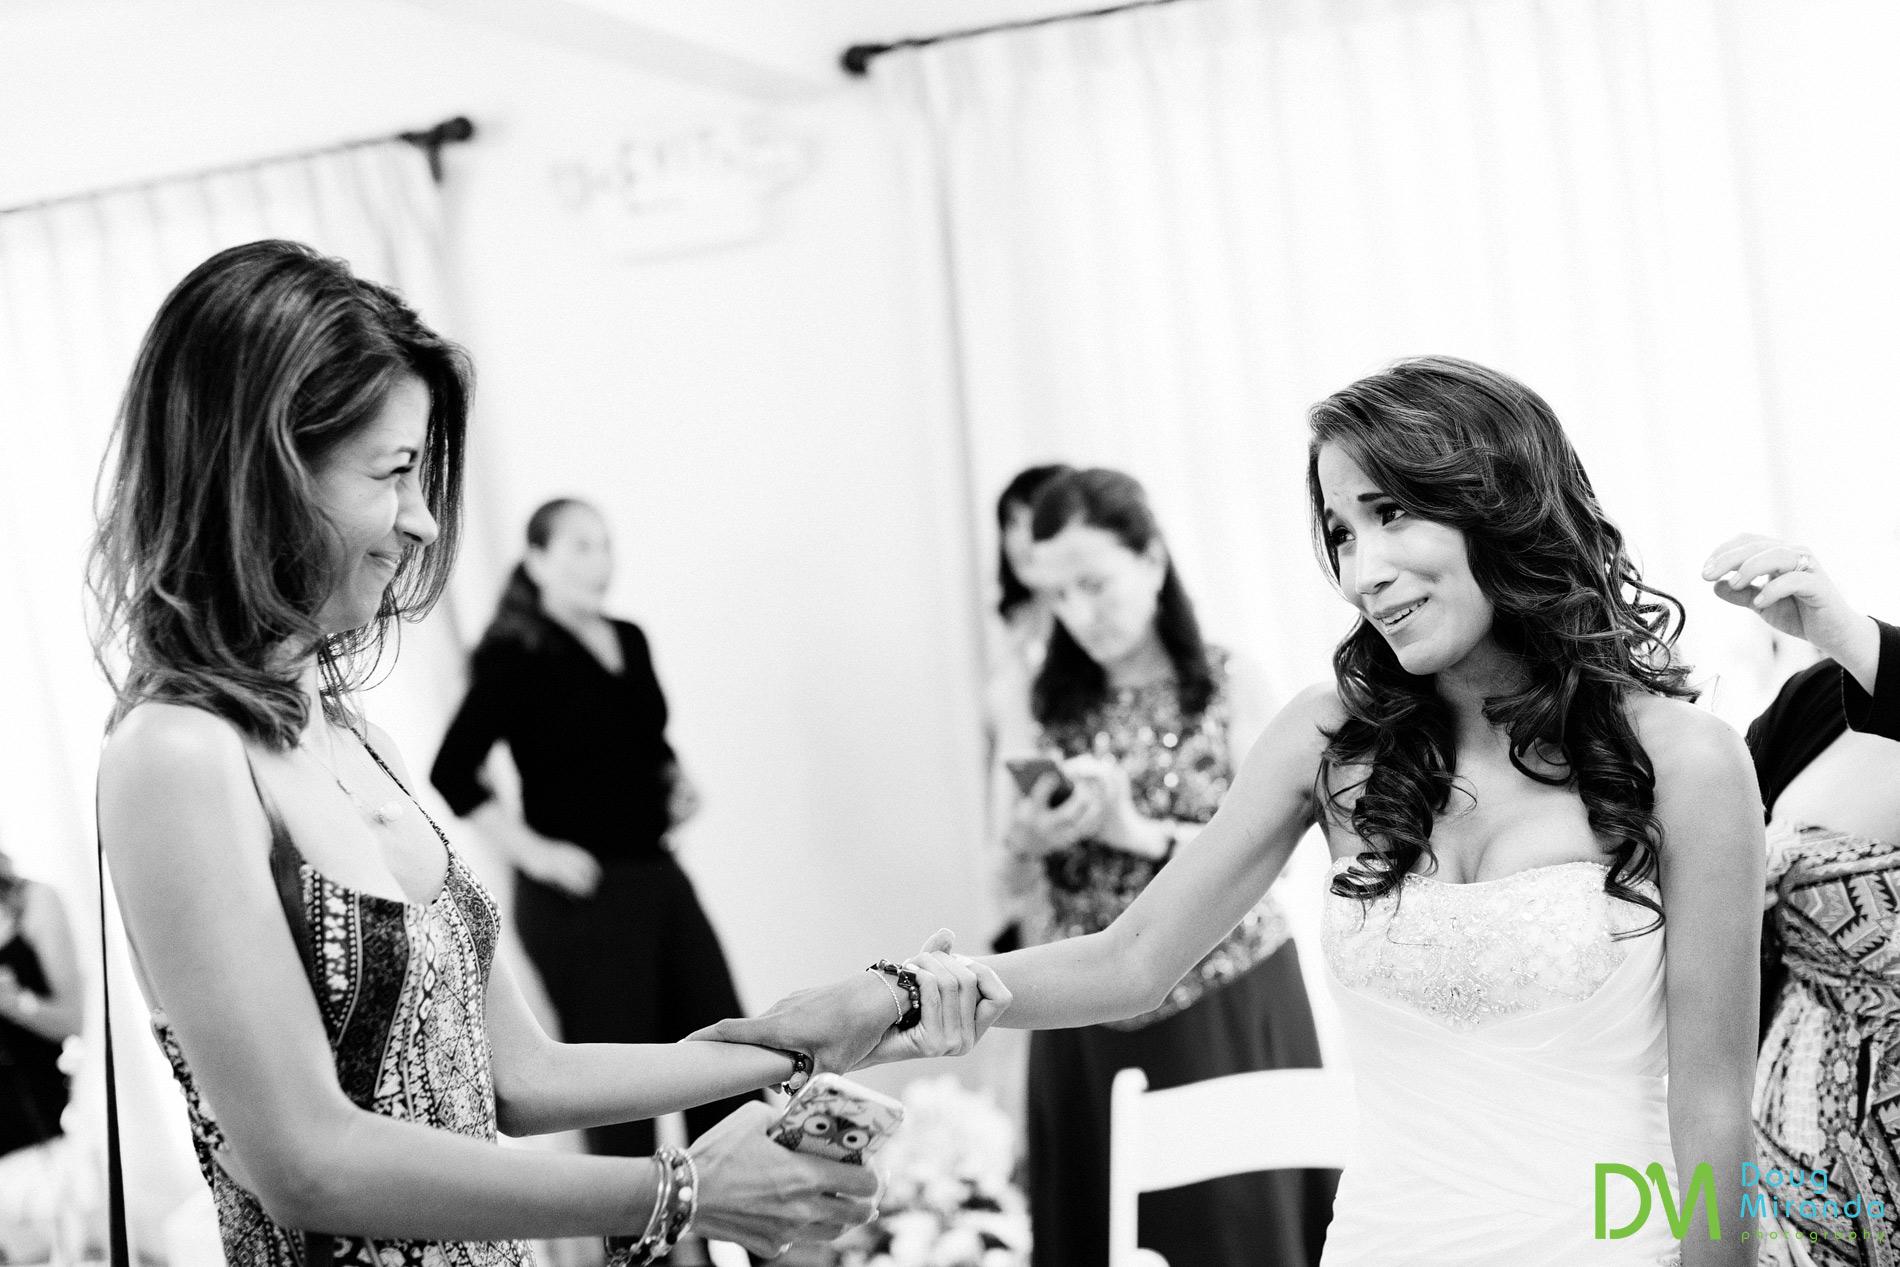 geyserville weddings